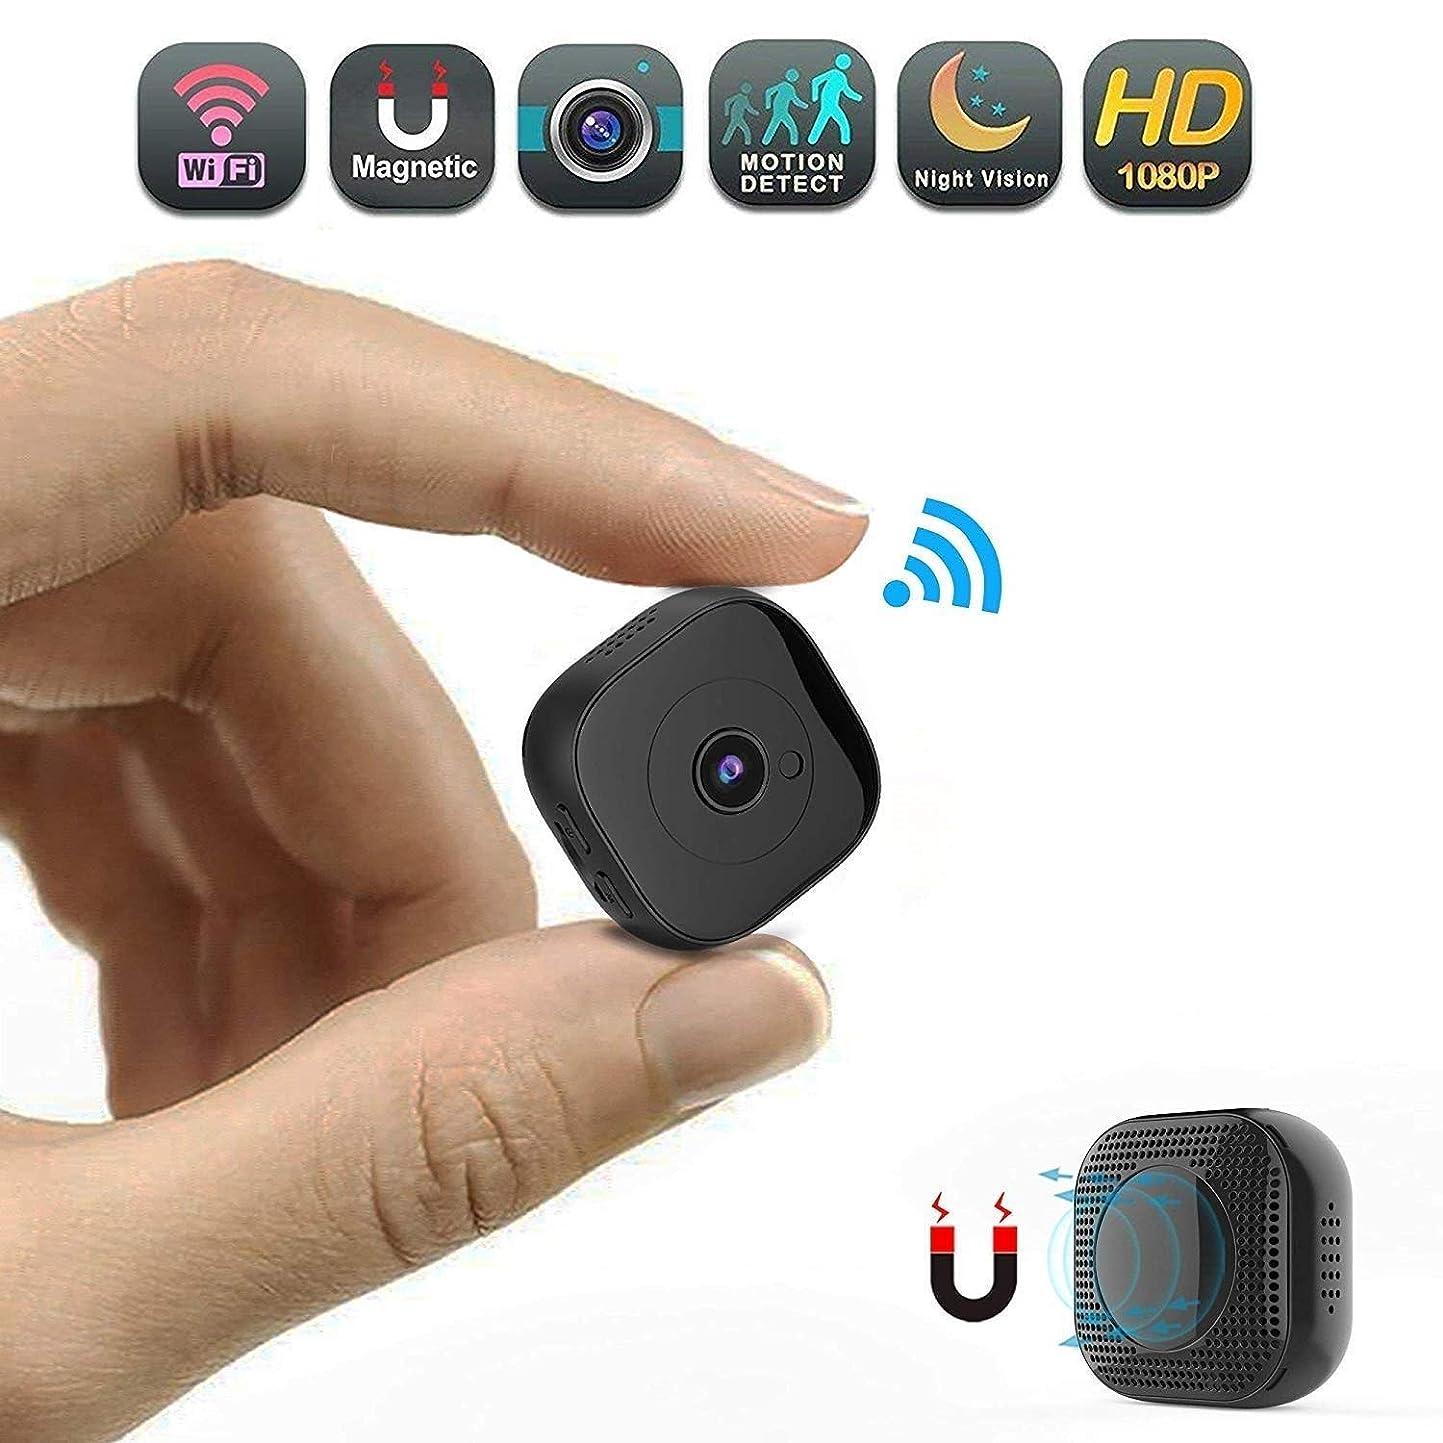 聖職者争いスペインZAQXSW-sxt 監視カメラのHDナイトビジョンホーム電話リモートインテリジェントミニリモートアンチマイクロWifiワイヤレス小型